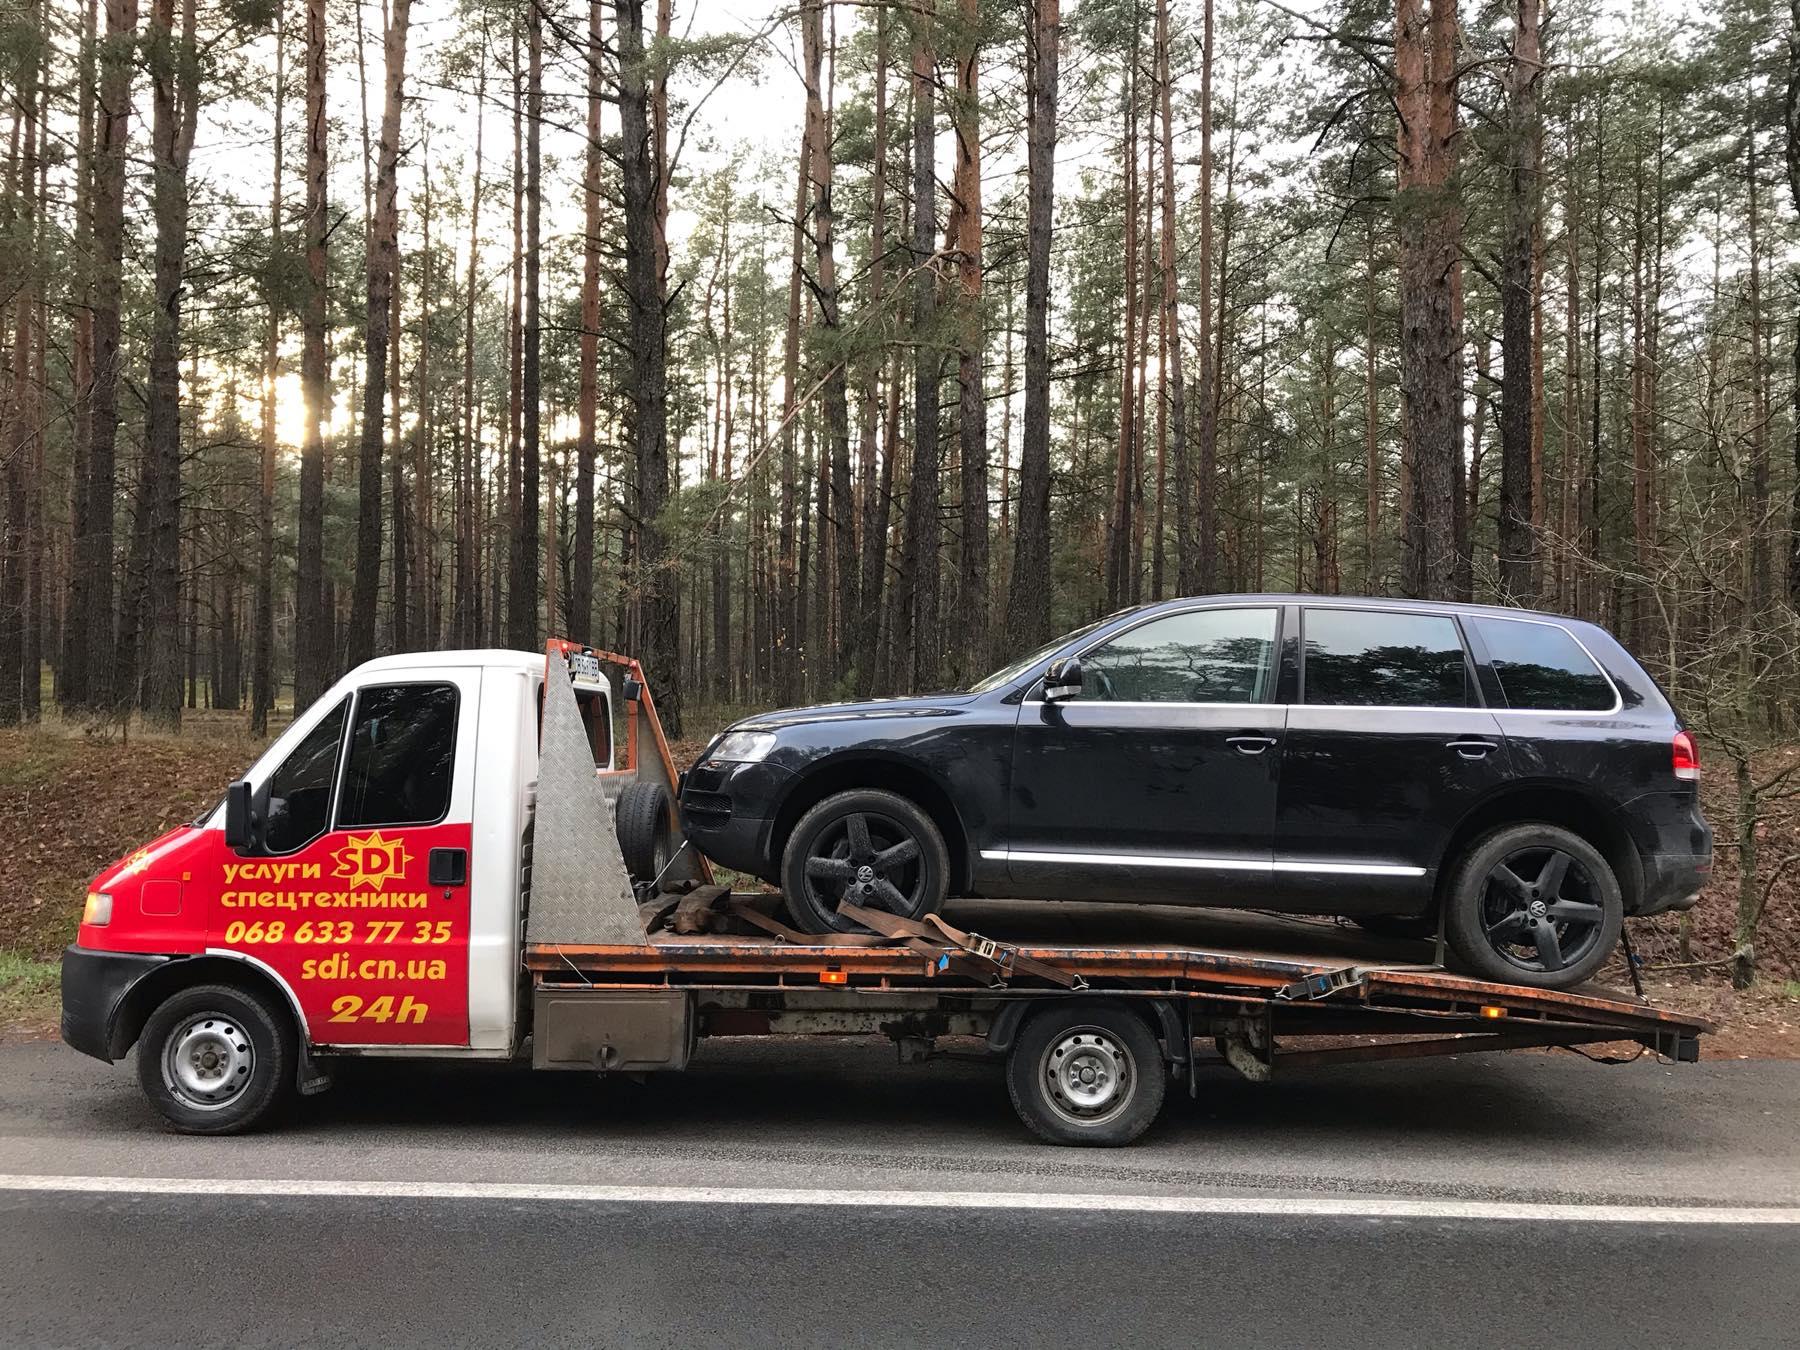 вызов эвакуатора для легкового авто